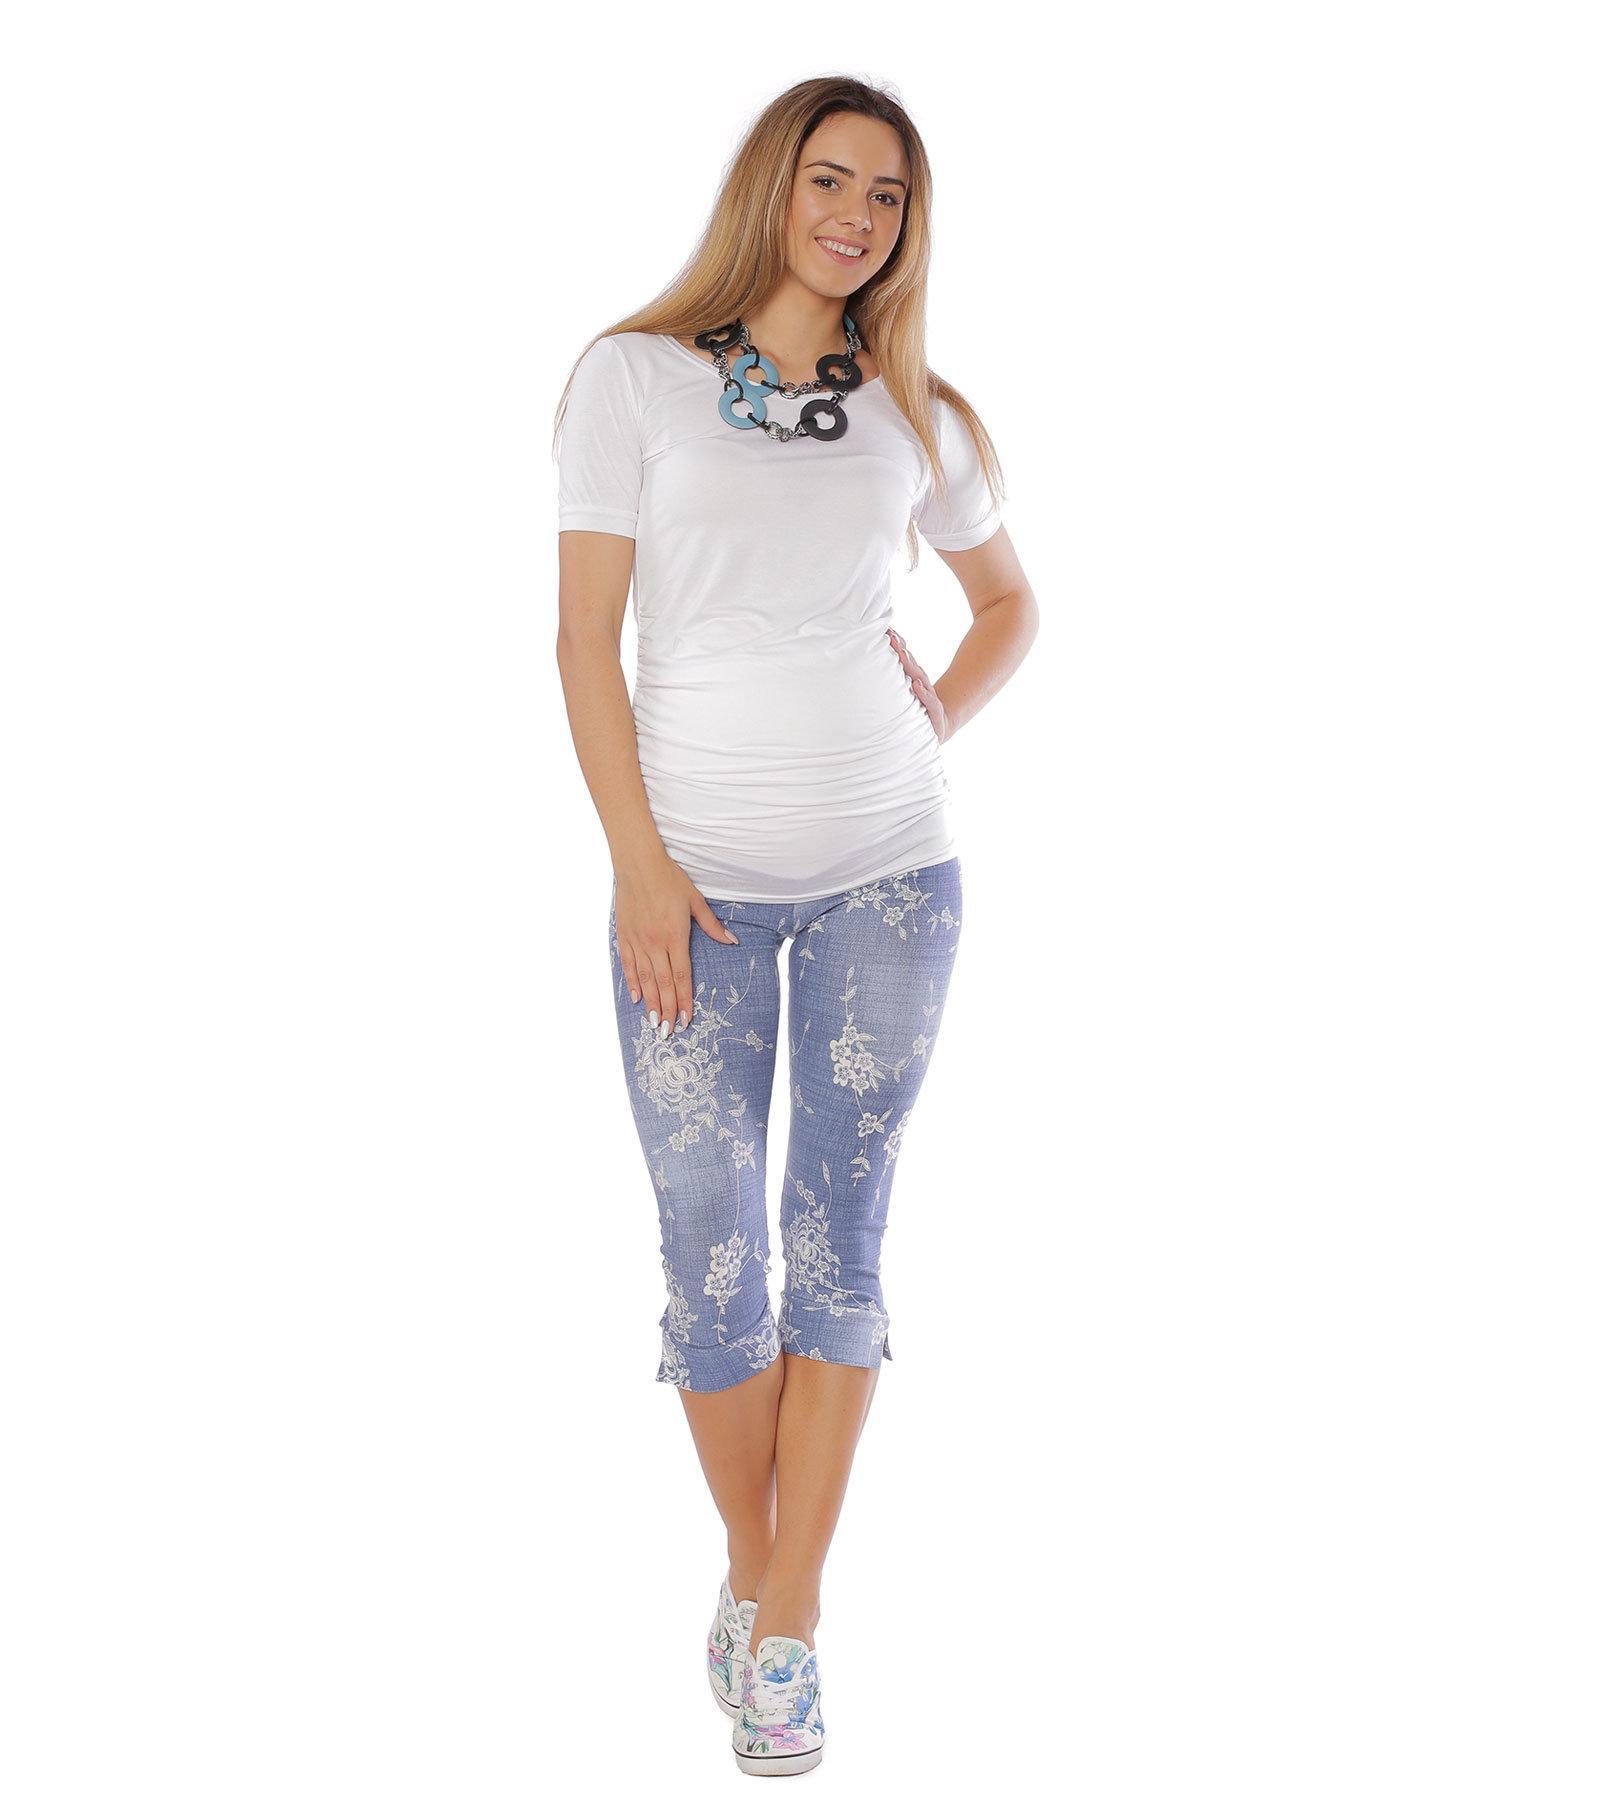 Legginsy ciążowe Kate Bensini